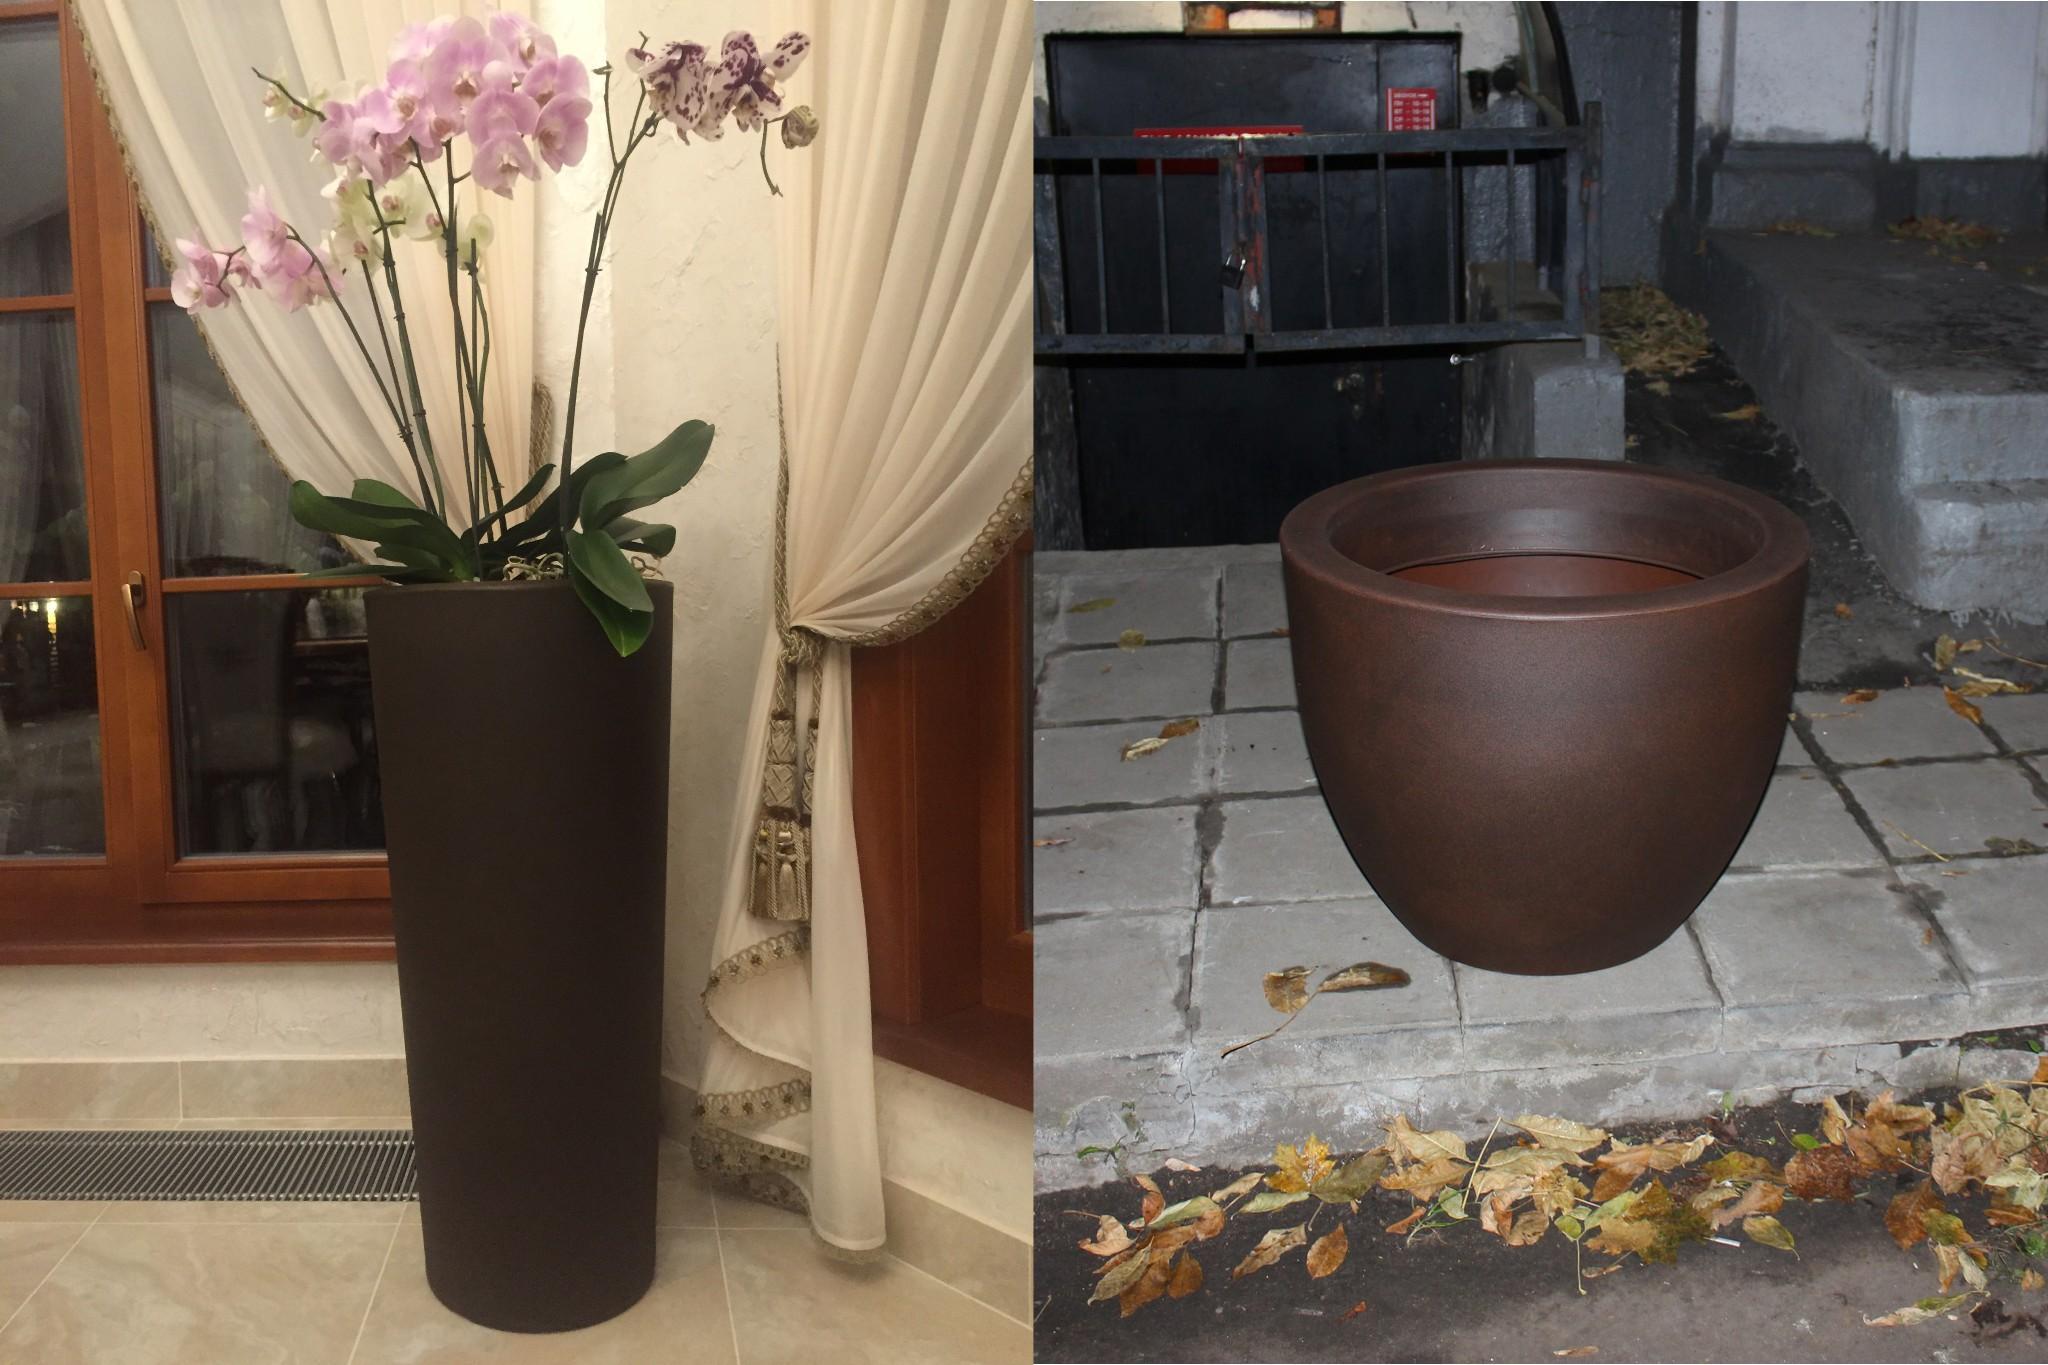 декорирование ваз с помощью гибкой лепнины Pearlworks c золочением